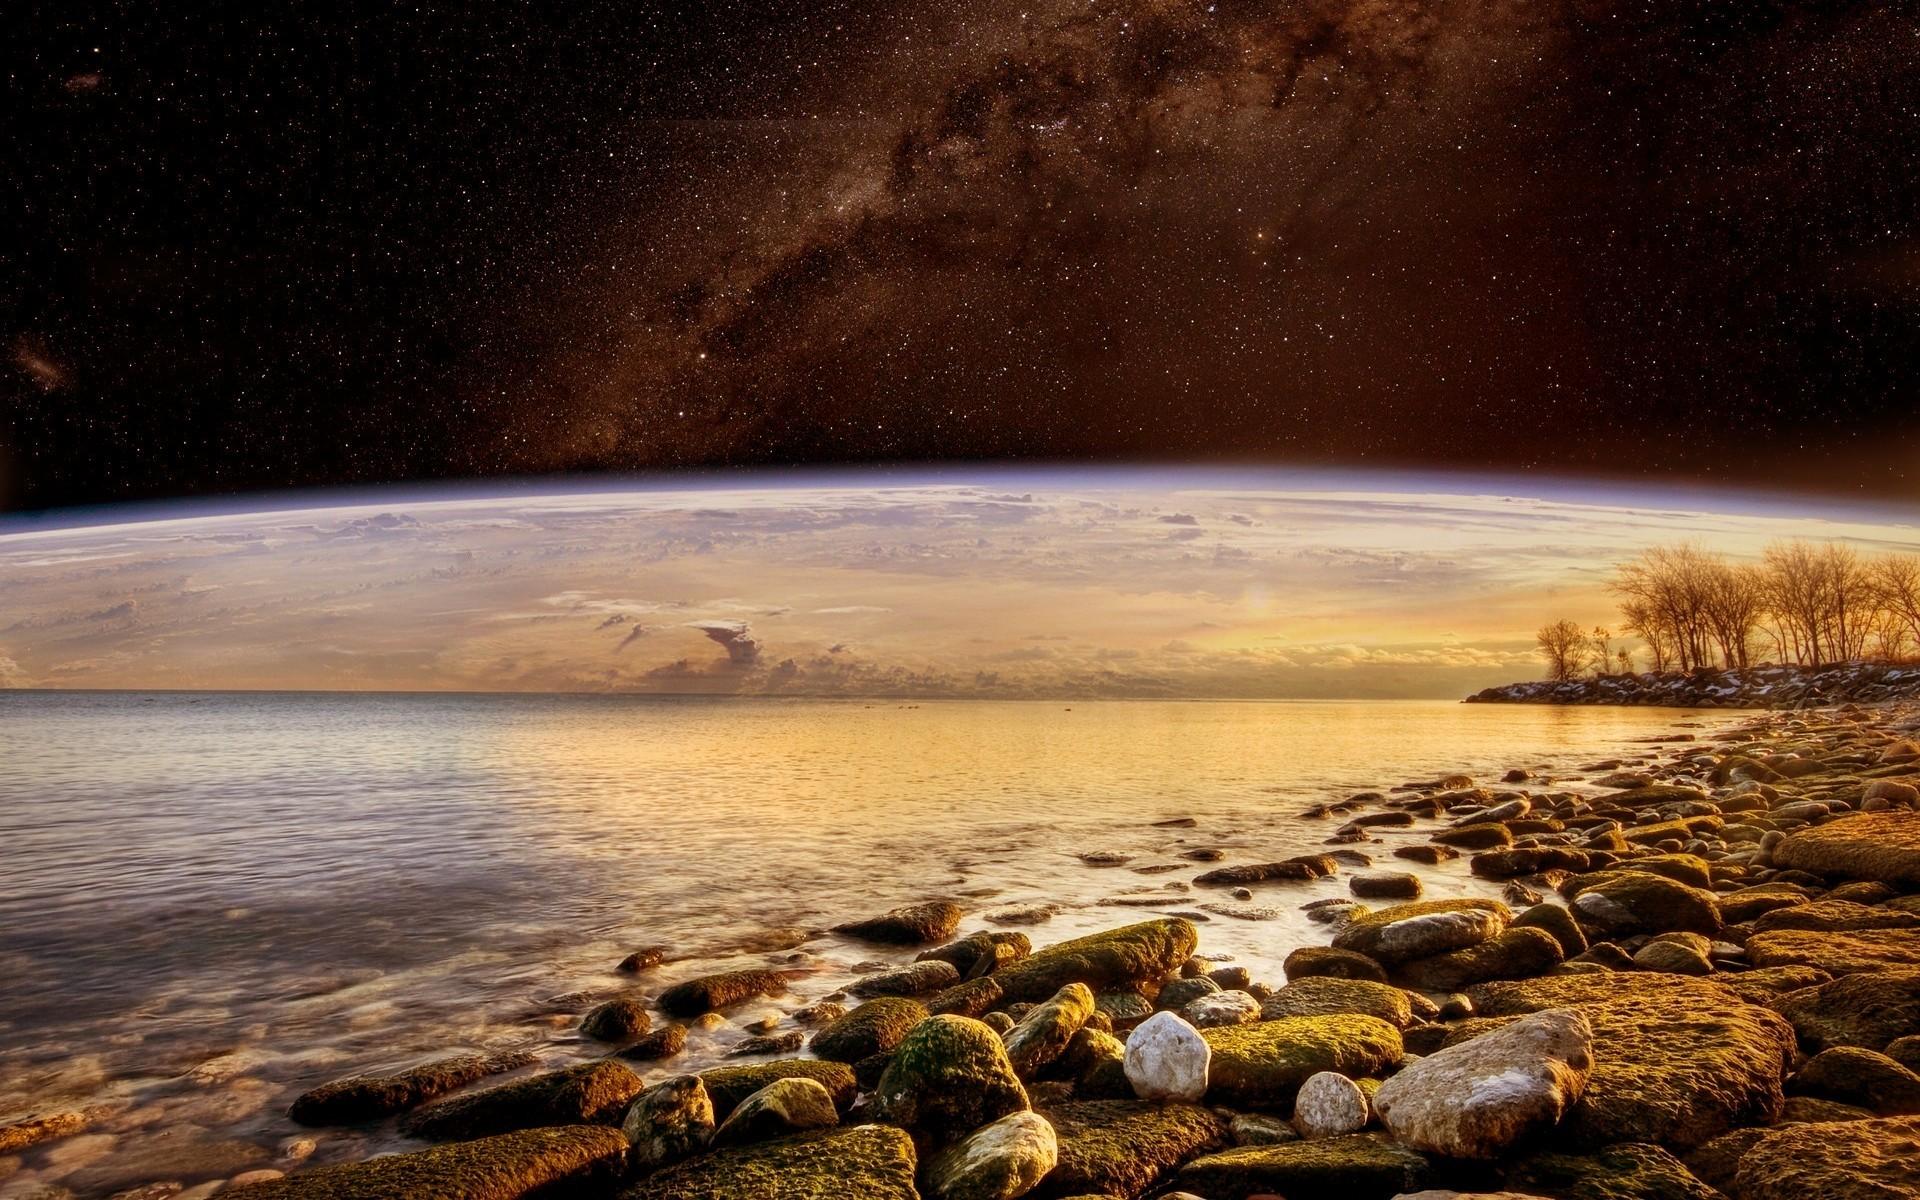 картинки пейзажи планеты точностью определить